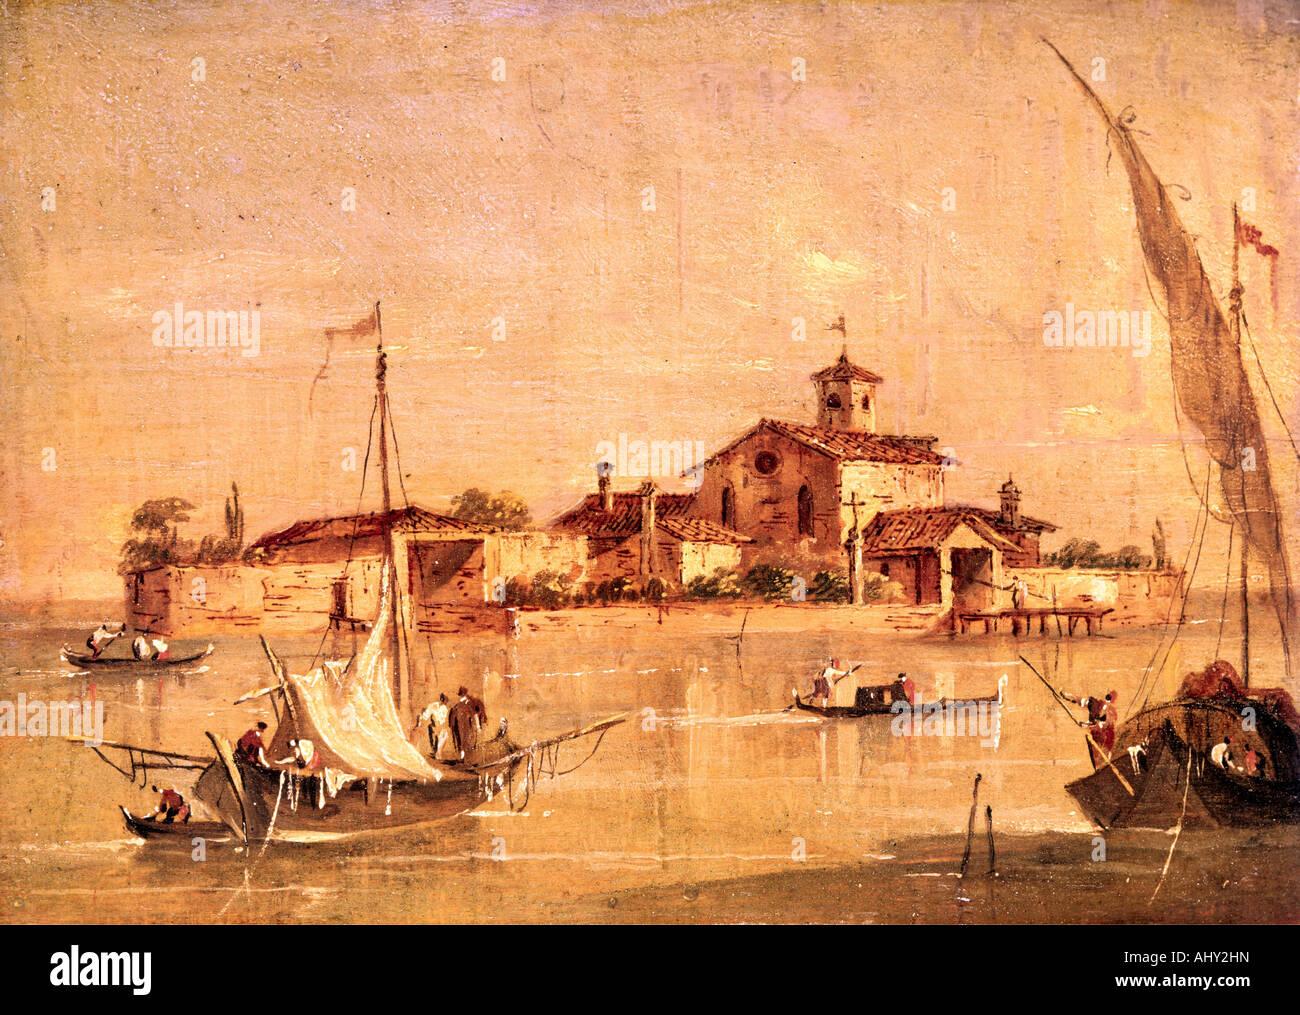 """""""Bellas Artes, Francesco Guardi, (1712 - 1793), pintura, 'L' Isola di San Giorgio a Venezia' ('San Imagen De Stock"""